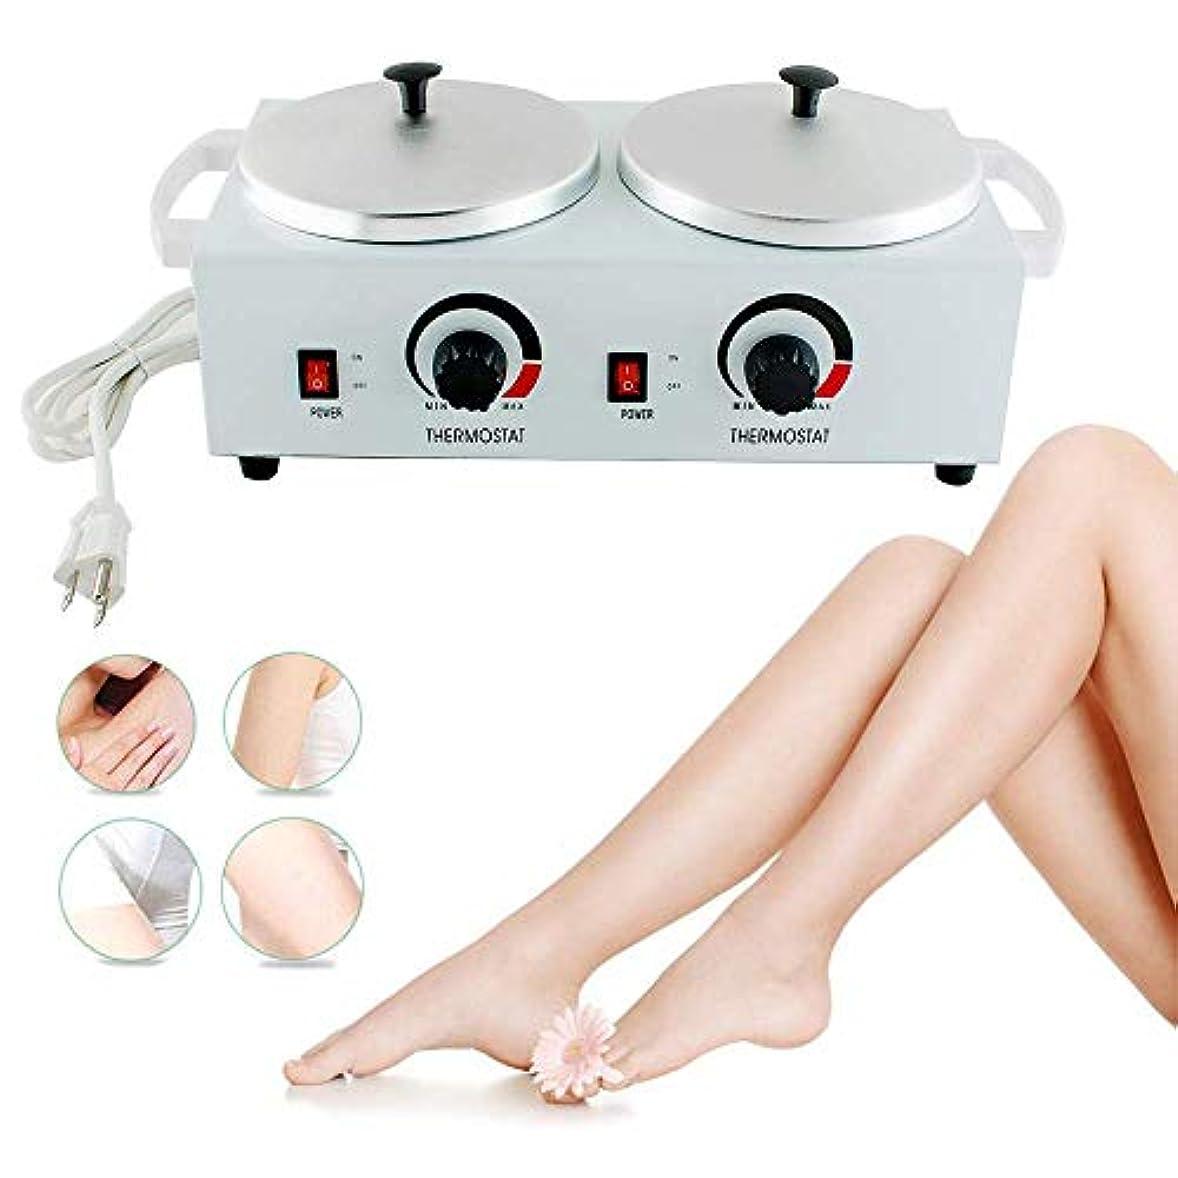 仕える代わりの明快ワックスウォーマー電気ワックスヒーターダブルパラフィンポット美容機フェイシャルスキン機器スパ調節可能な温度脱毛ツール用女性男性トータルボディニーズ,AmericanStandardPlug